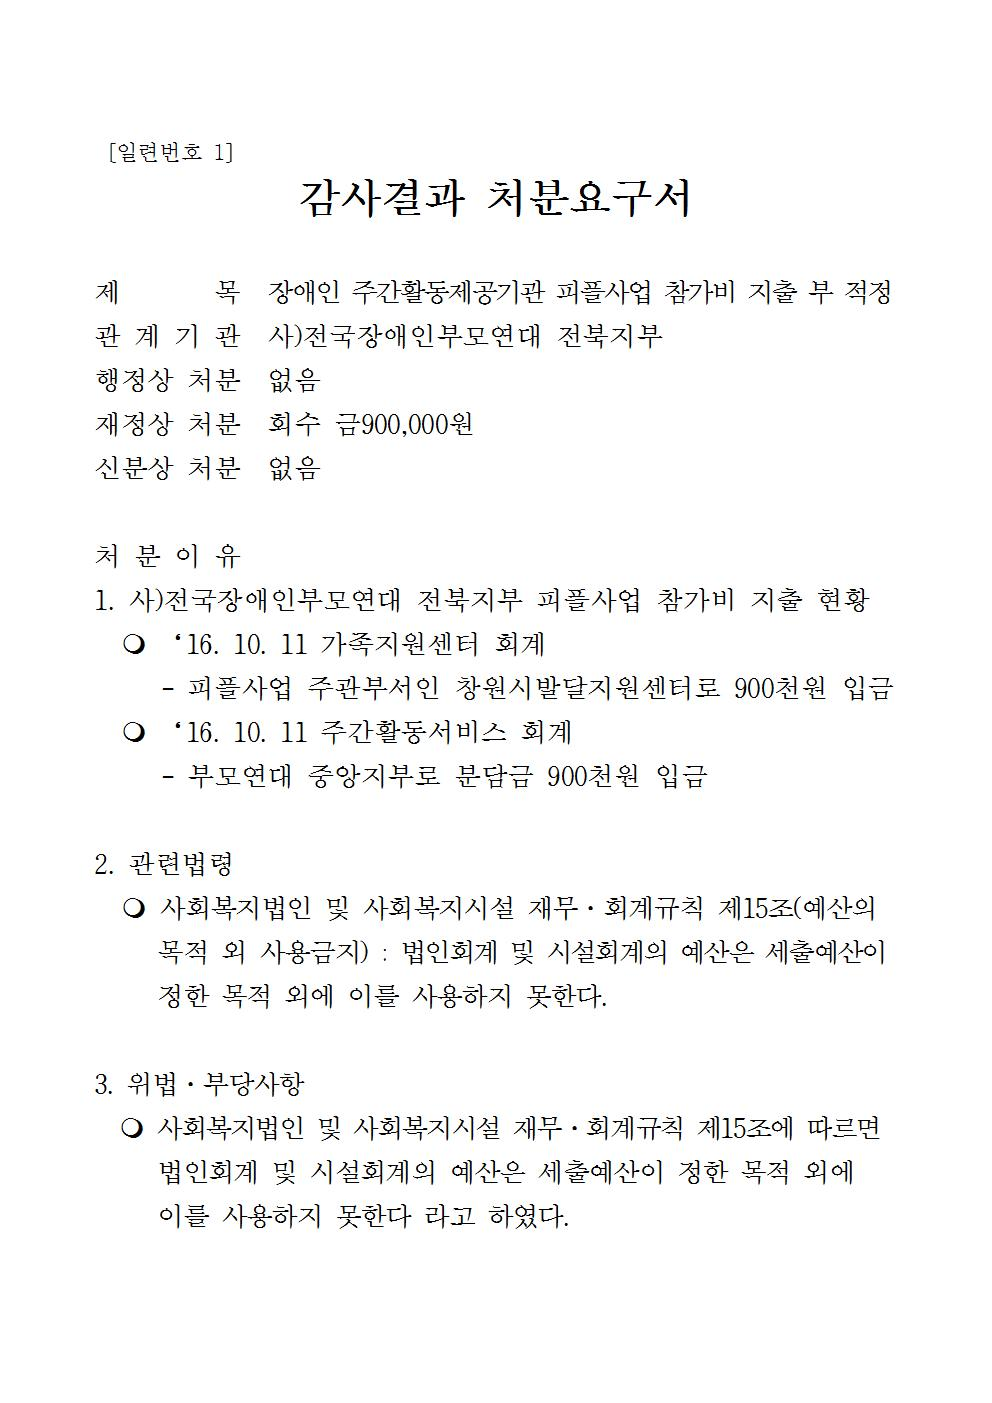 붙임) 처분요구서_전주시 생활복지과-37898(2017.9.1)호(공개용)001.jpg